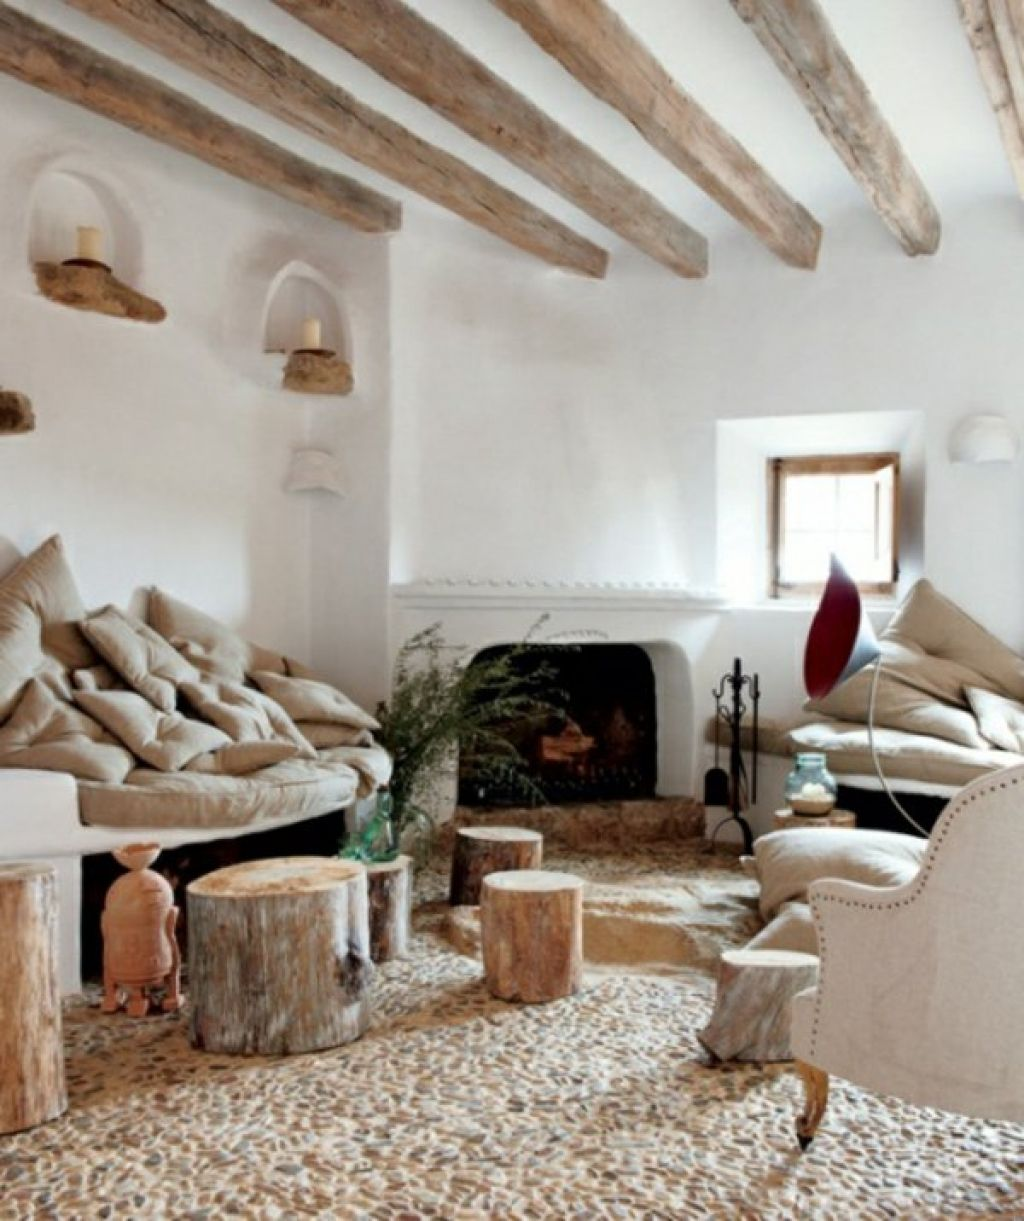 deko ideen wohnzimmer selber machen 21 kreative deko ideen aus ... - Ideen Für Das Wohnzimmer